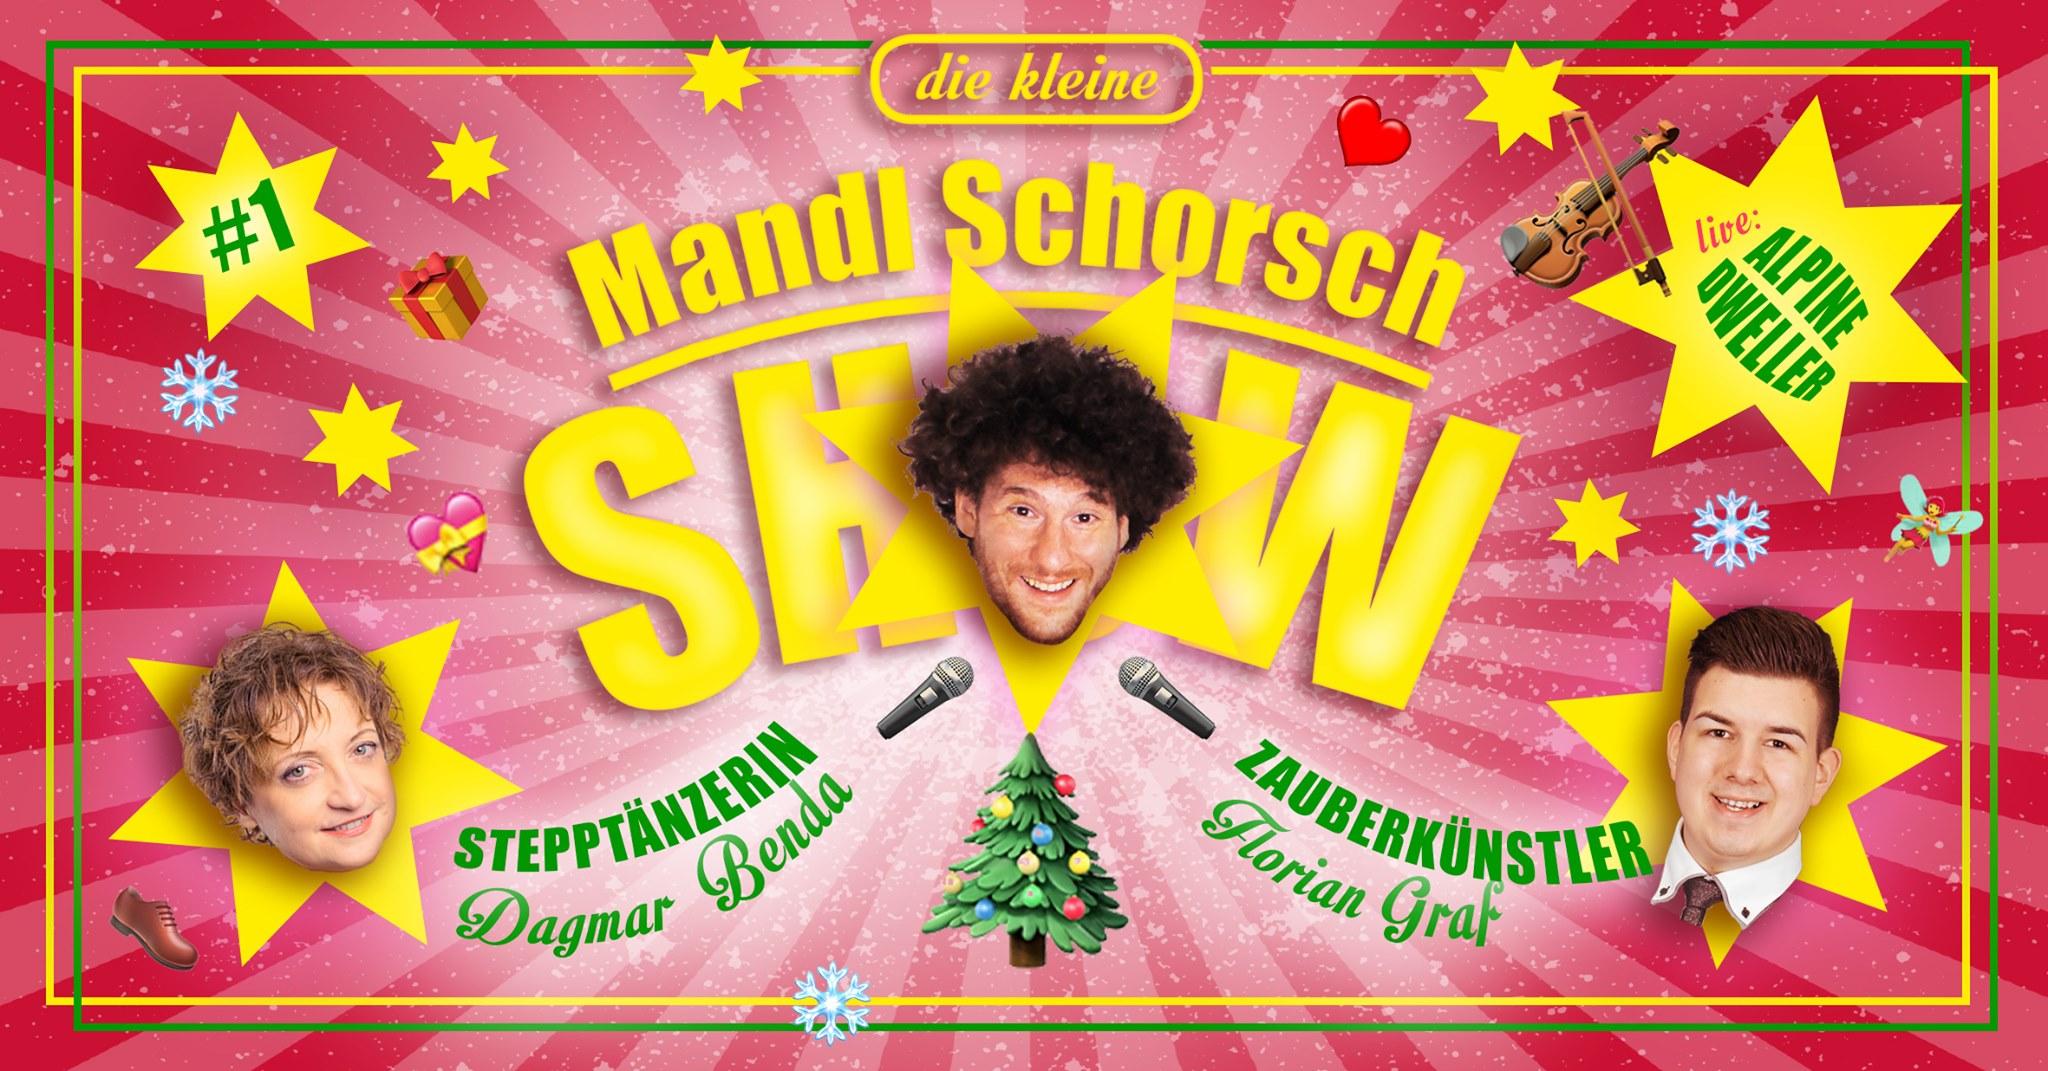 Die kleine Mandl Schorsch Show - Es weihnachtet sehr!